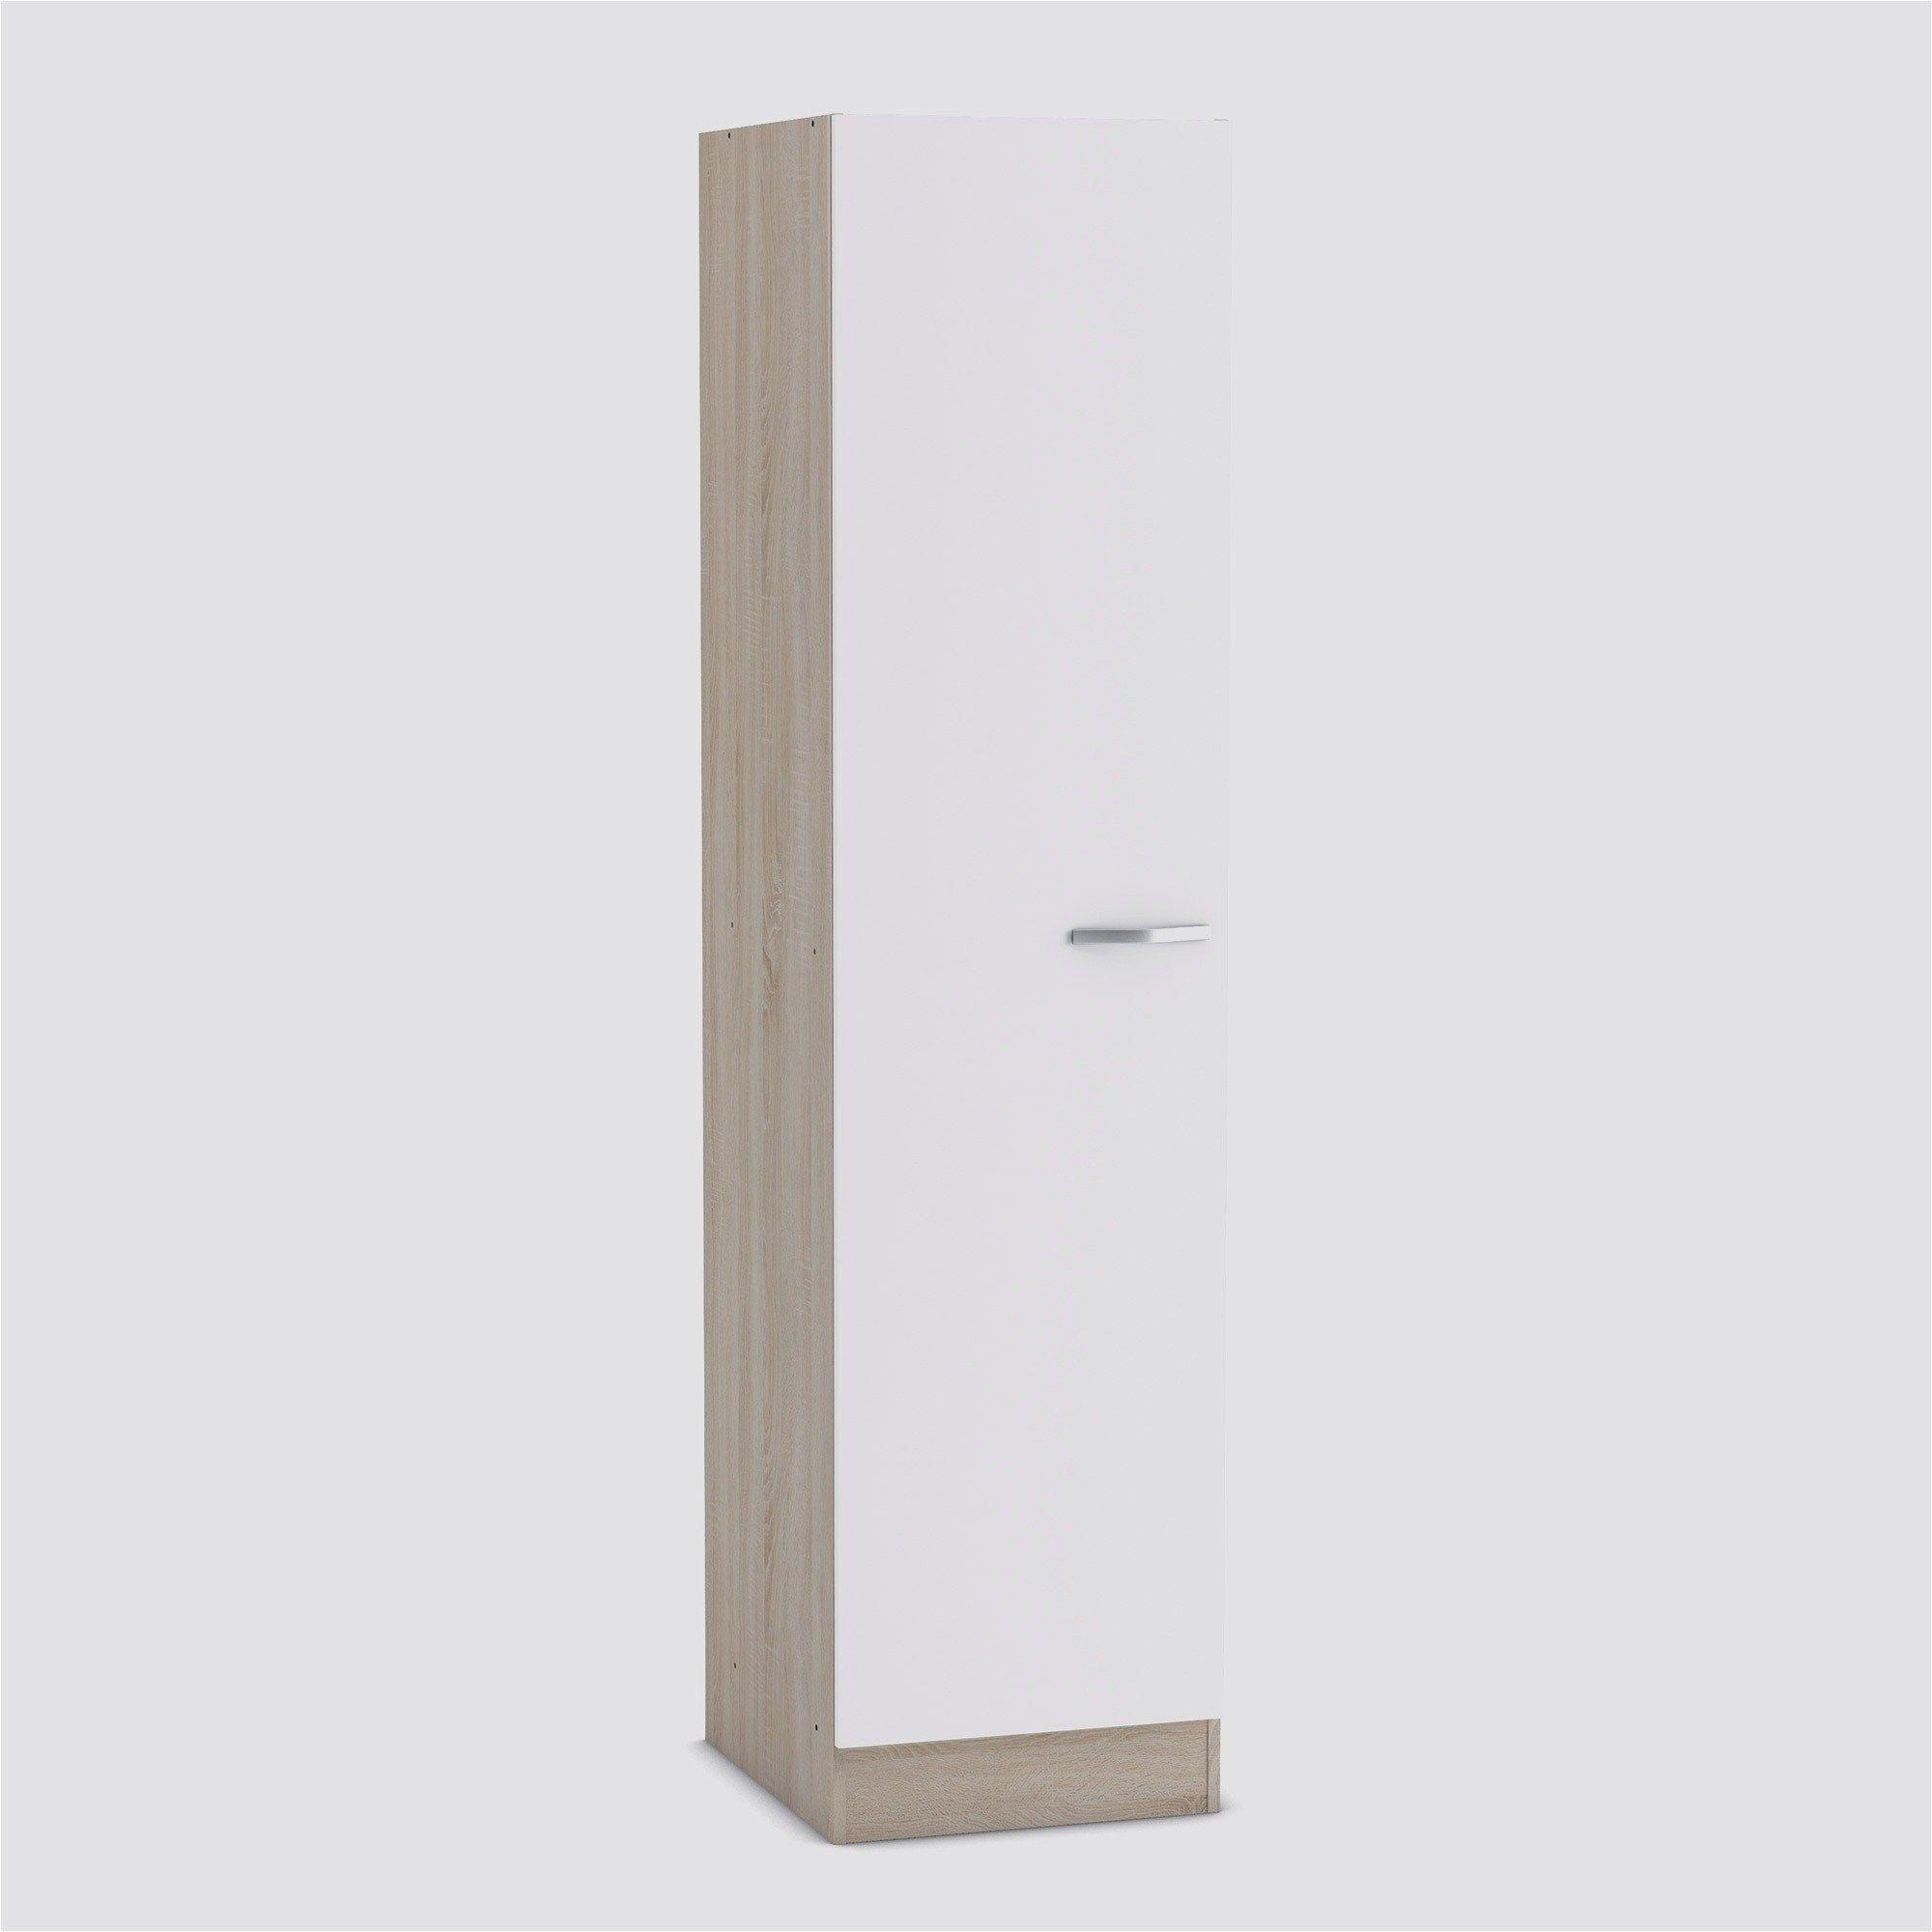 Armoire 2 Portes But Armoire 2 Portes But 20 Luxe Armoire 2 Portes But Bienvenue Sur Notre Site Personnel Auparavant N Tall Cabinet Storage Furniture Storage